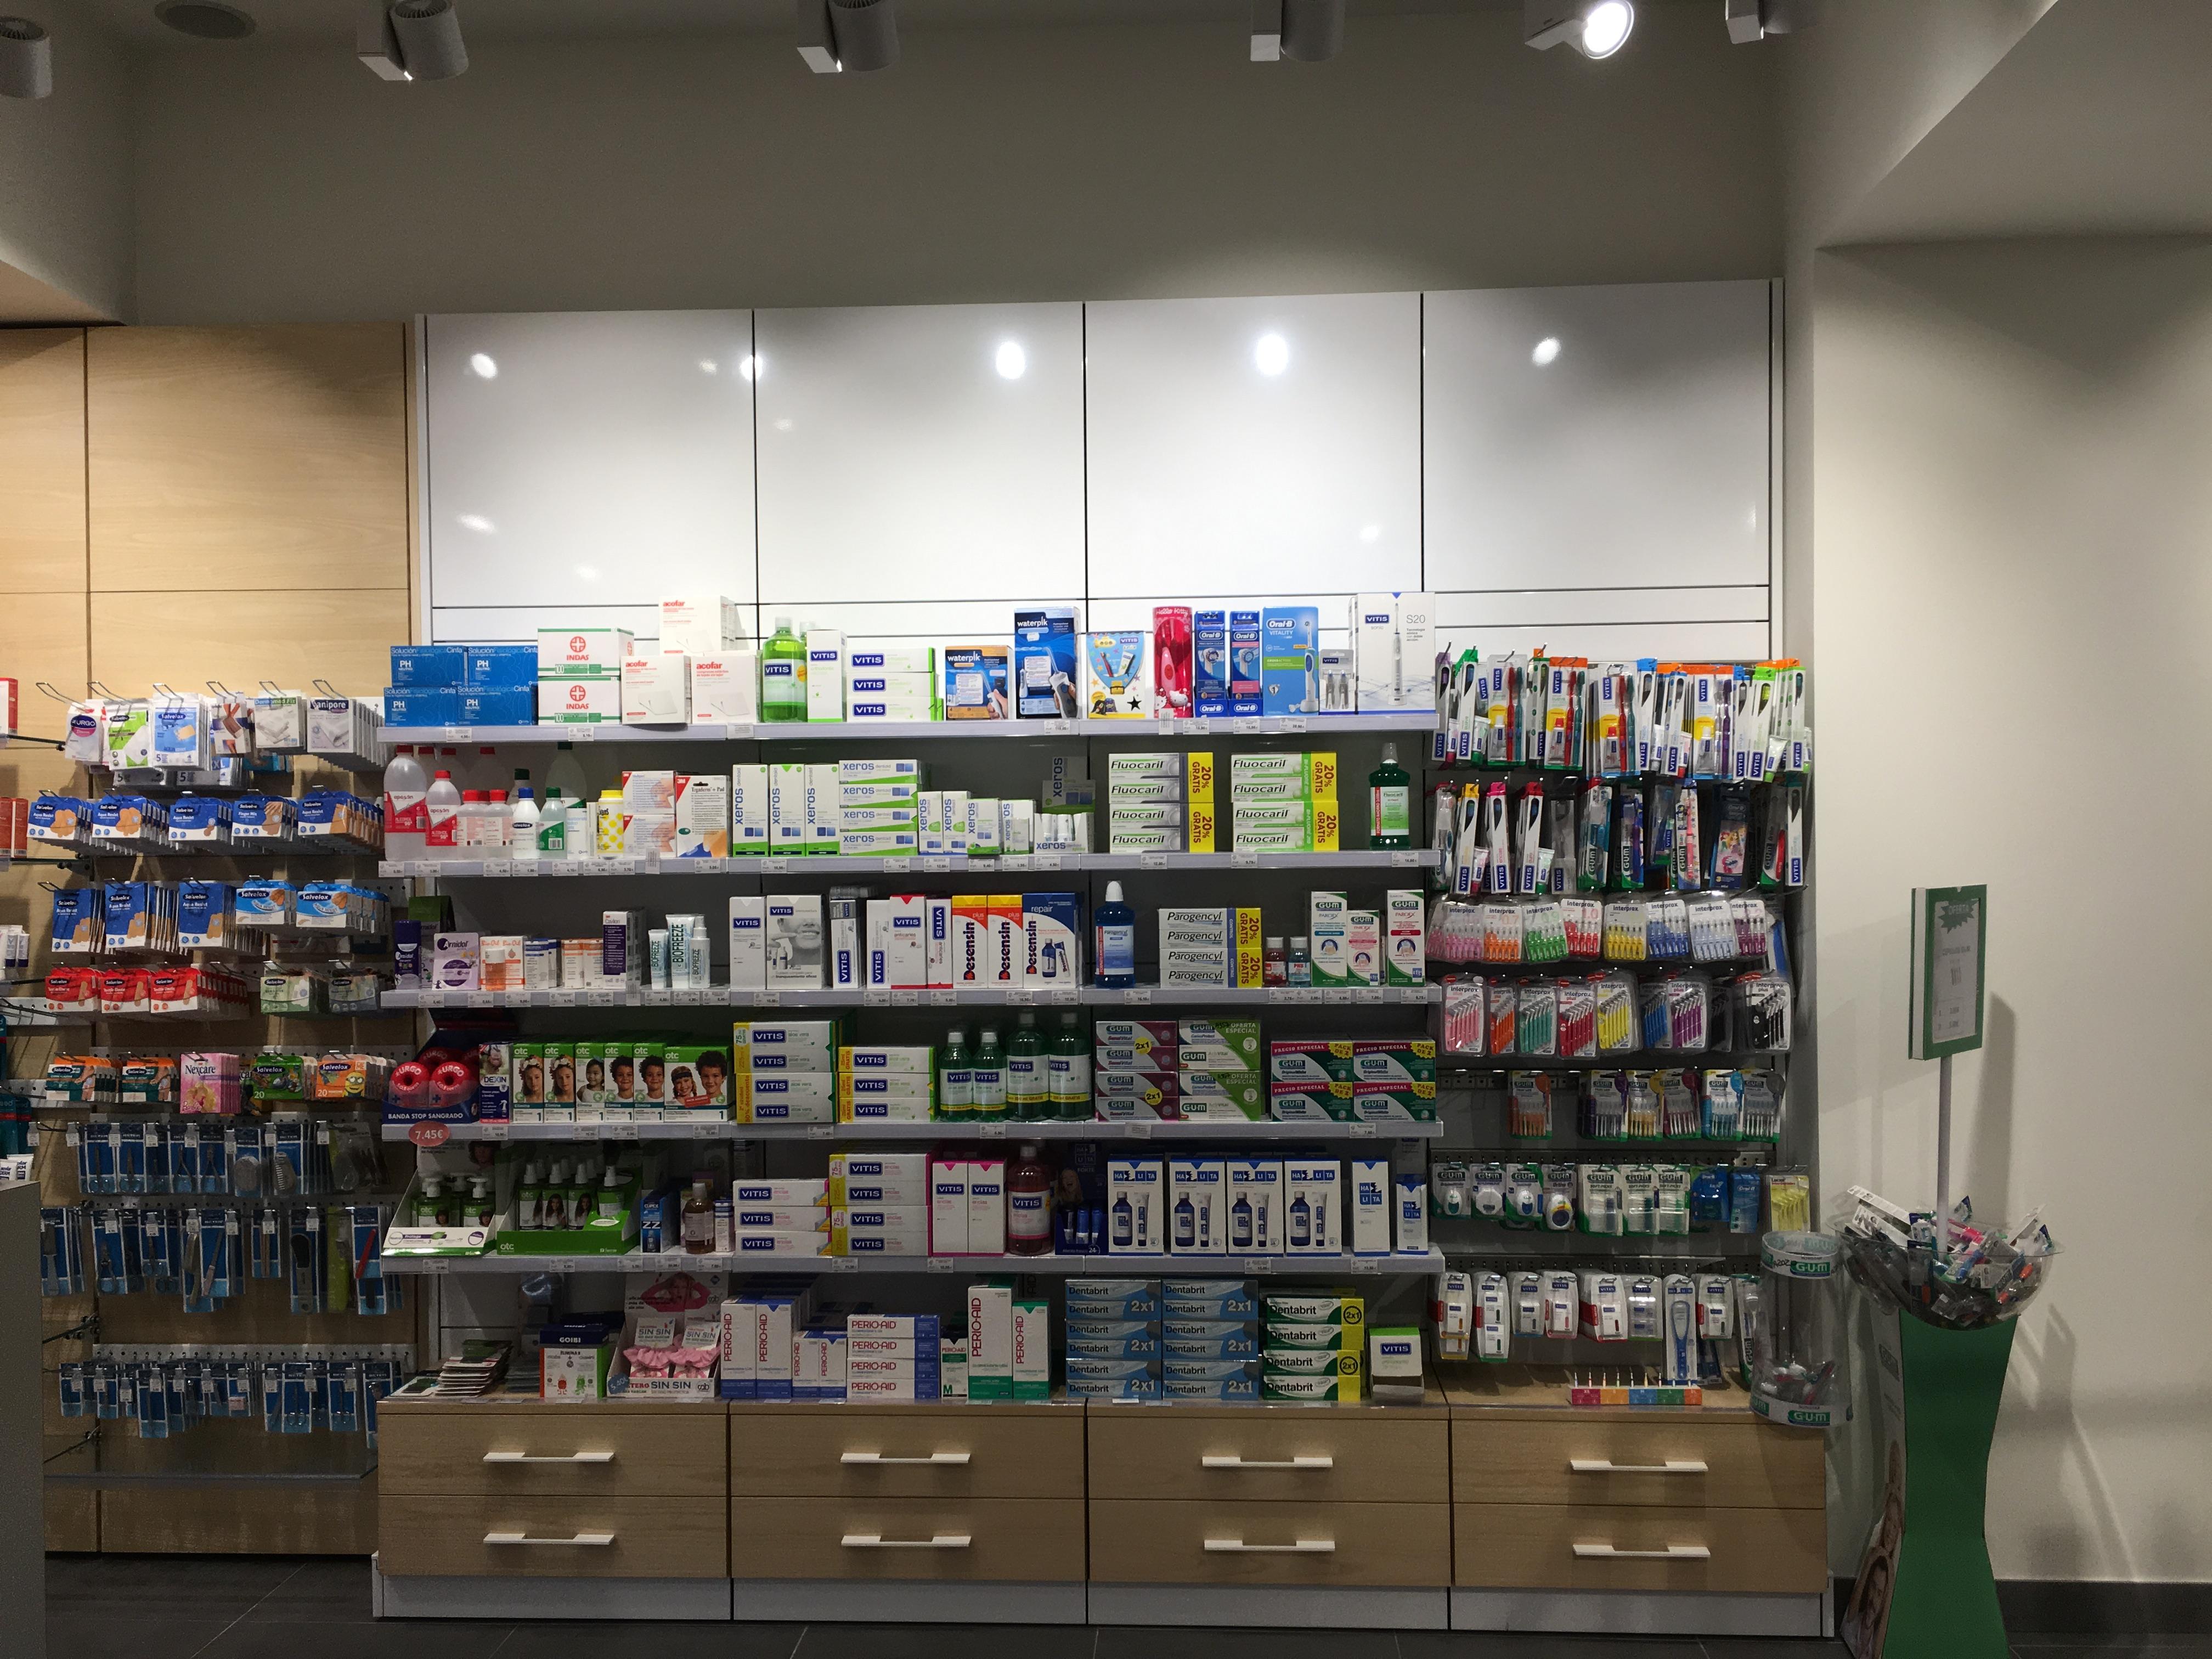 reforma farmacia campo volantin bilbao